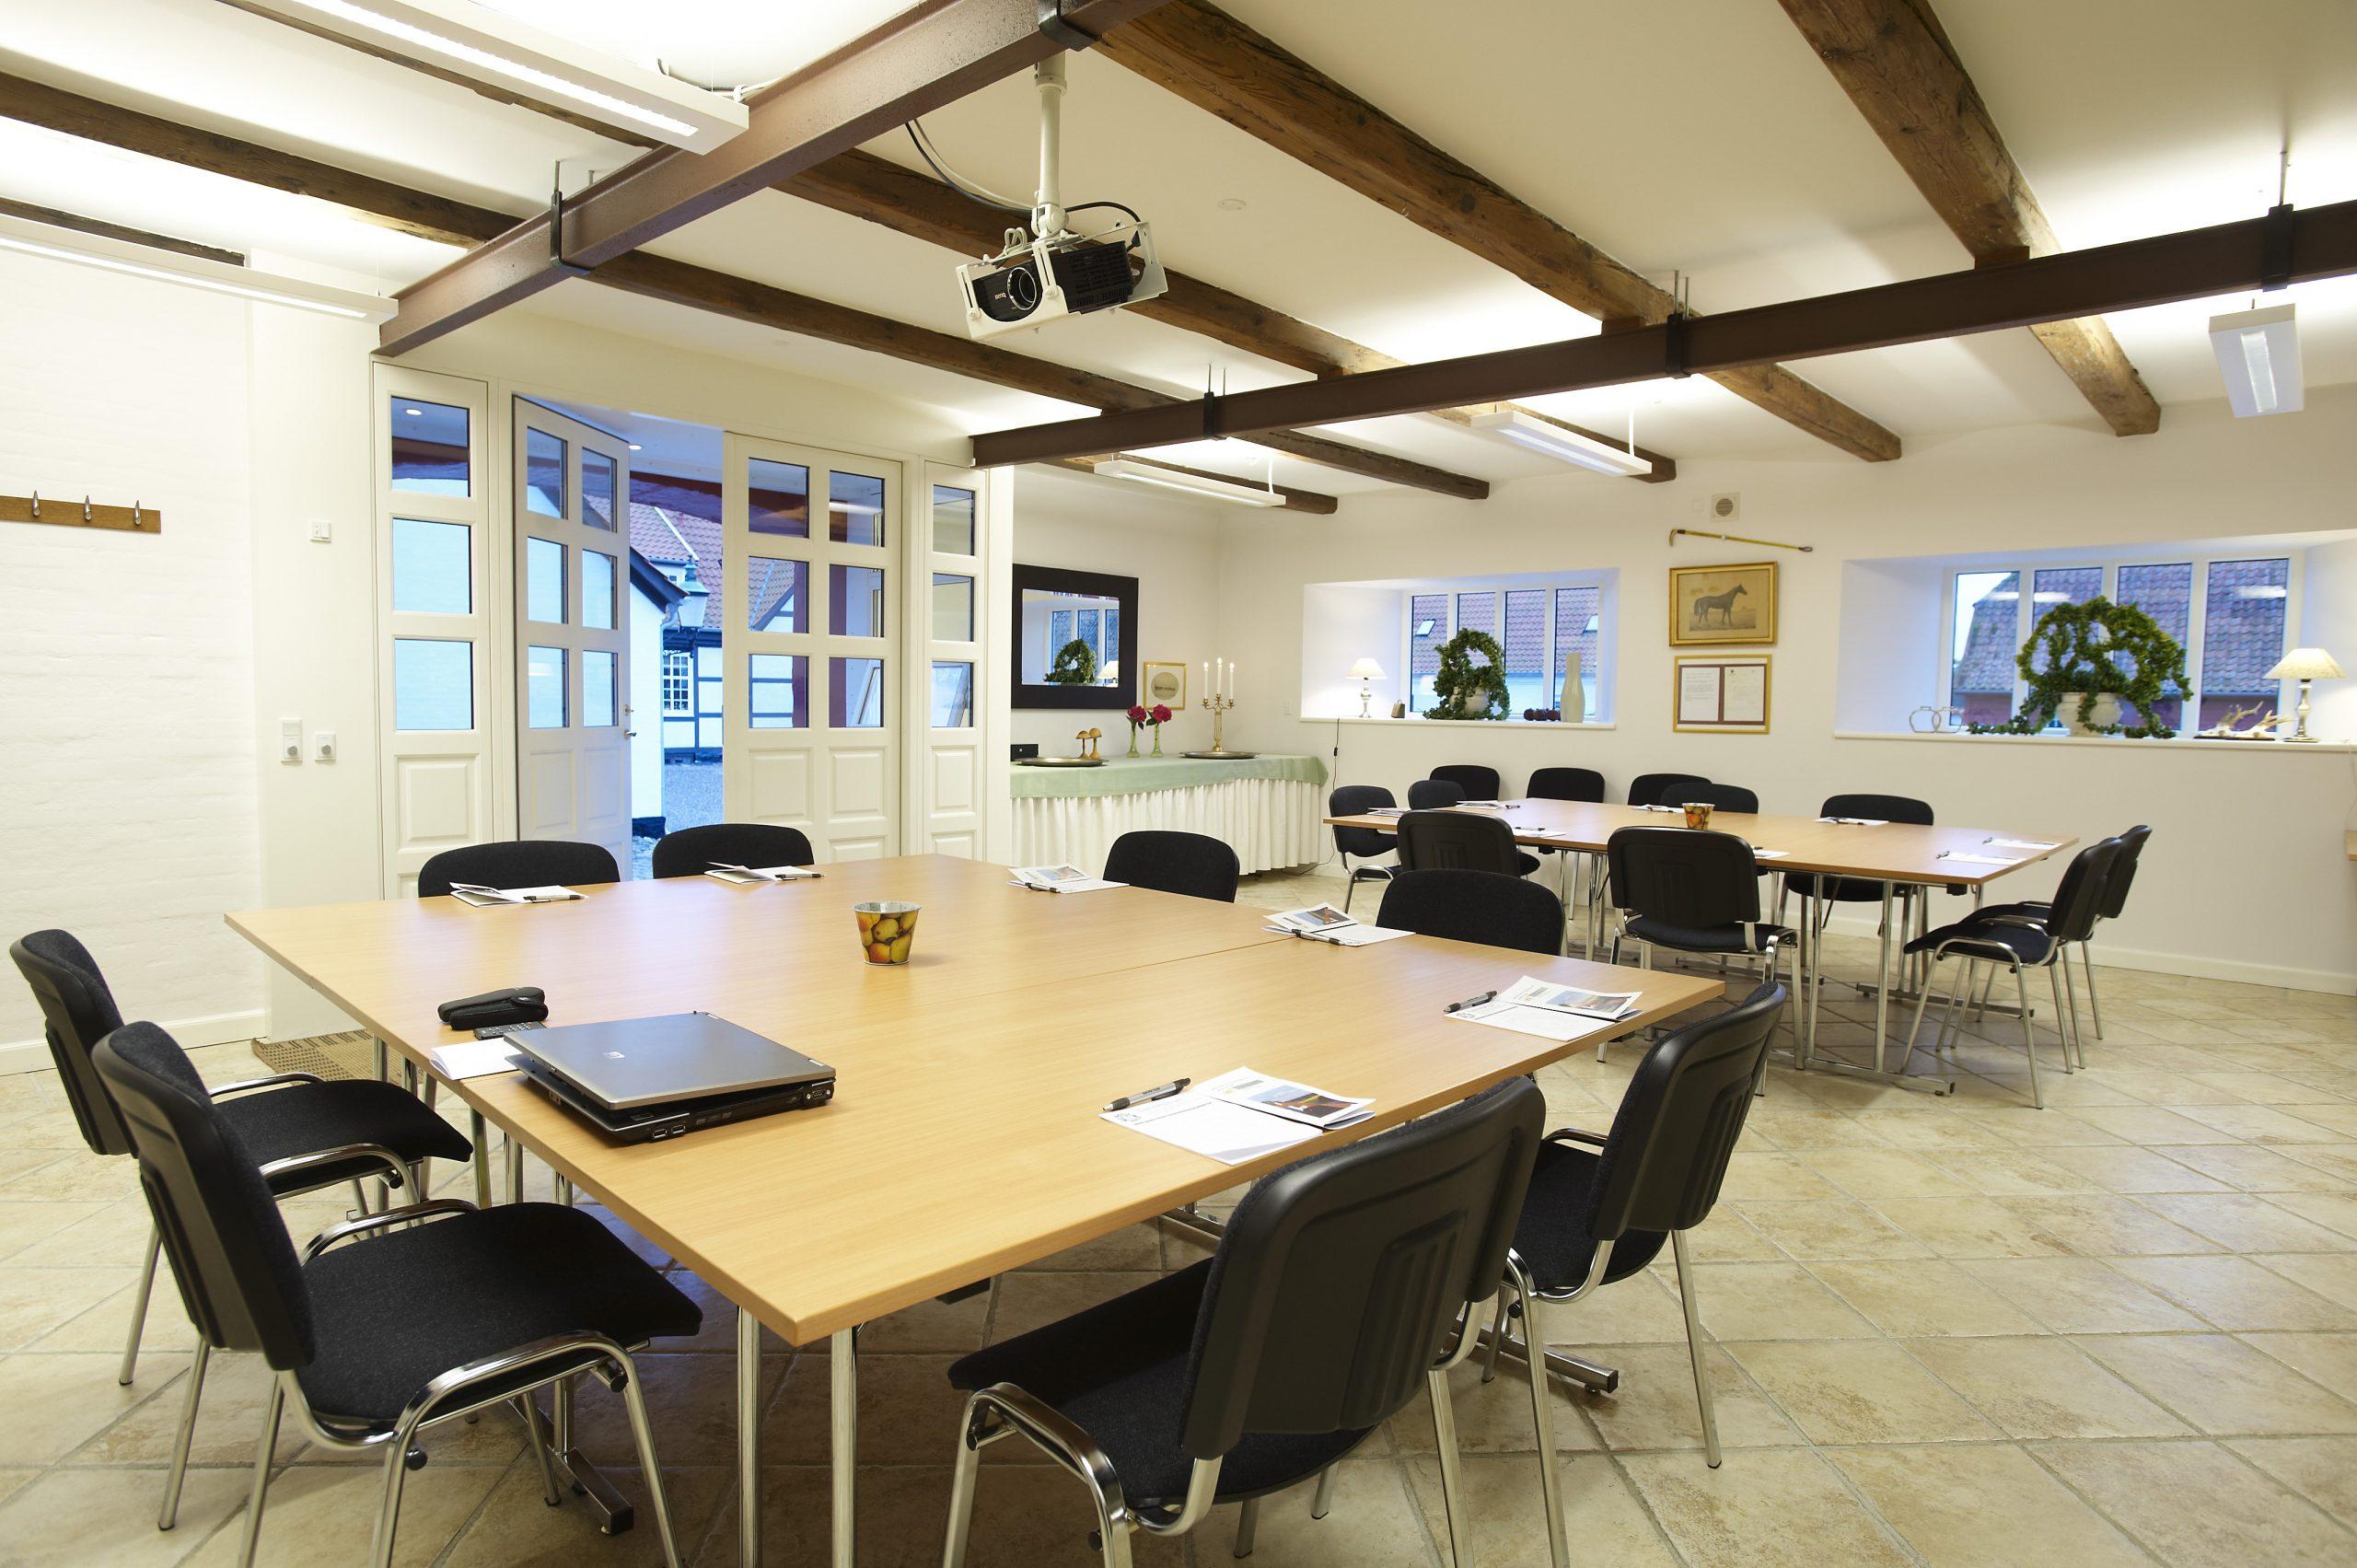 Tekniske faciliteter i konferencelokalerne